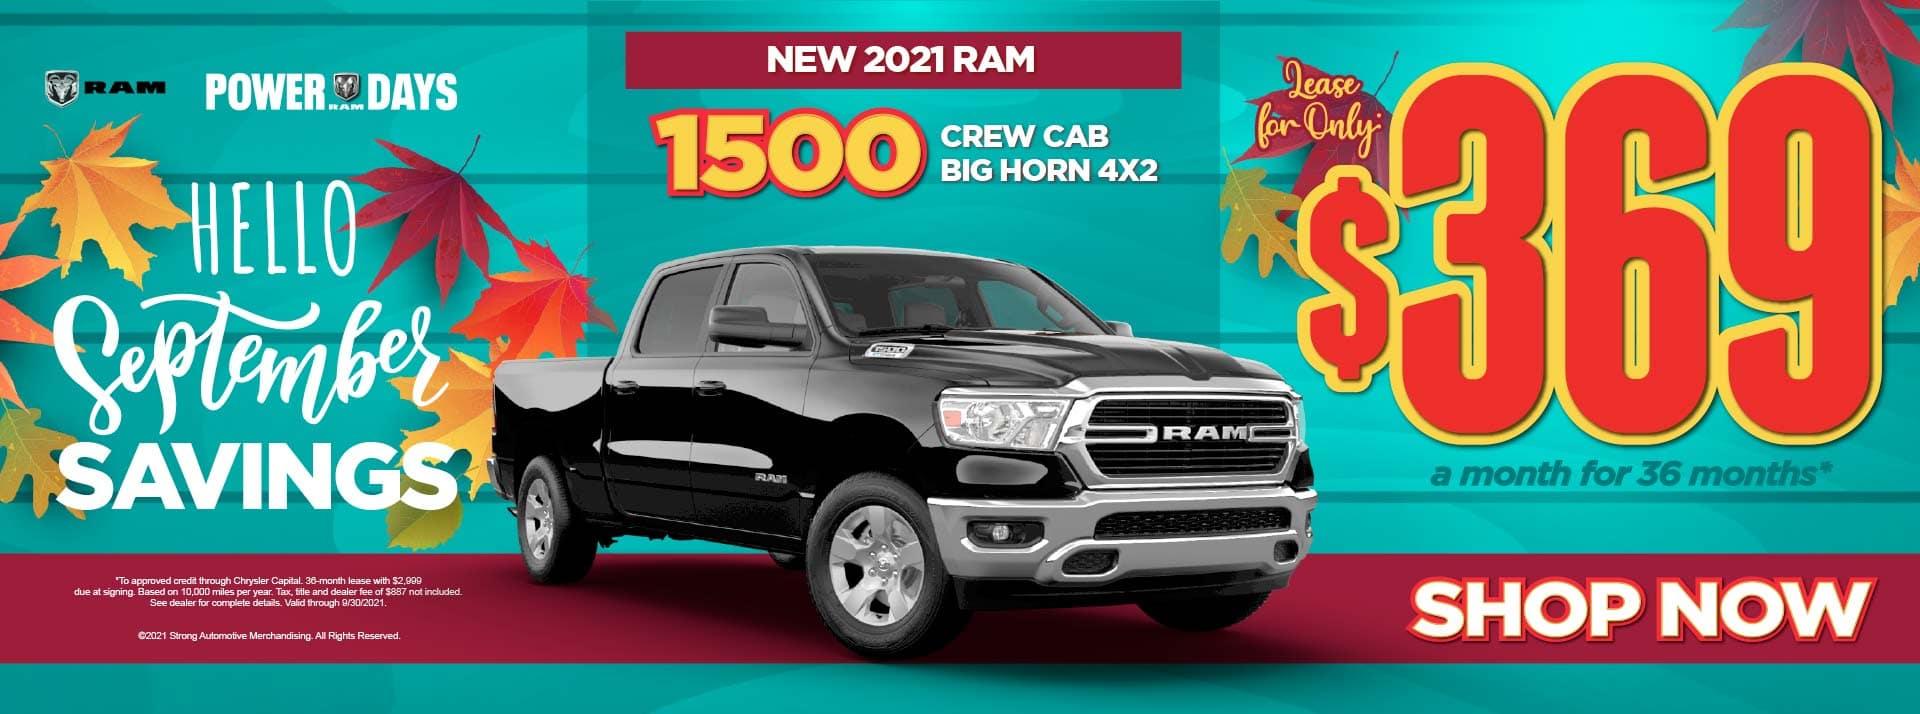 New 2021 Ram 1500 Crew Cab Big Horn 4×2 – $369 / mo ACT NOW